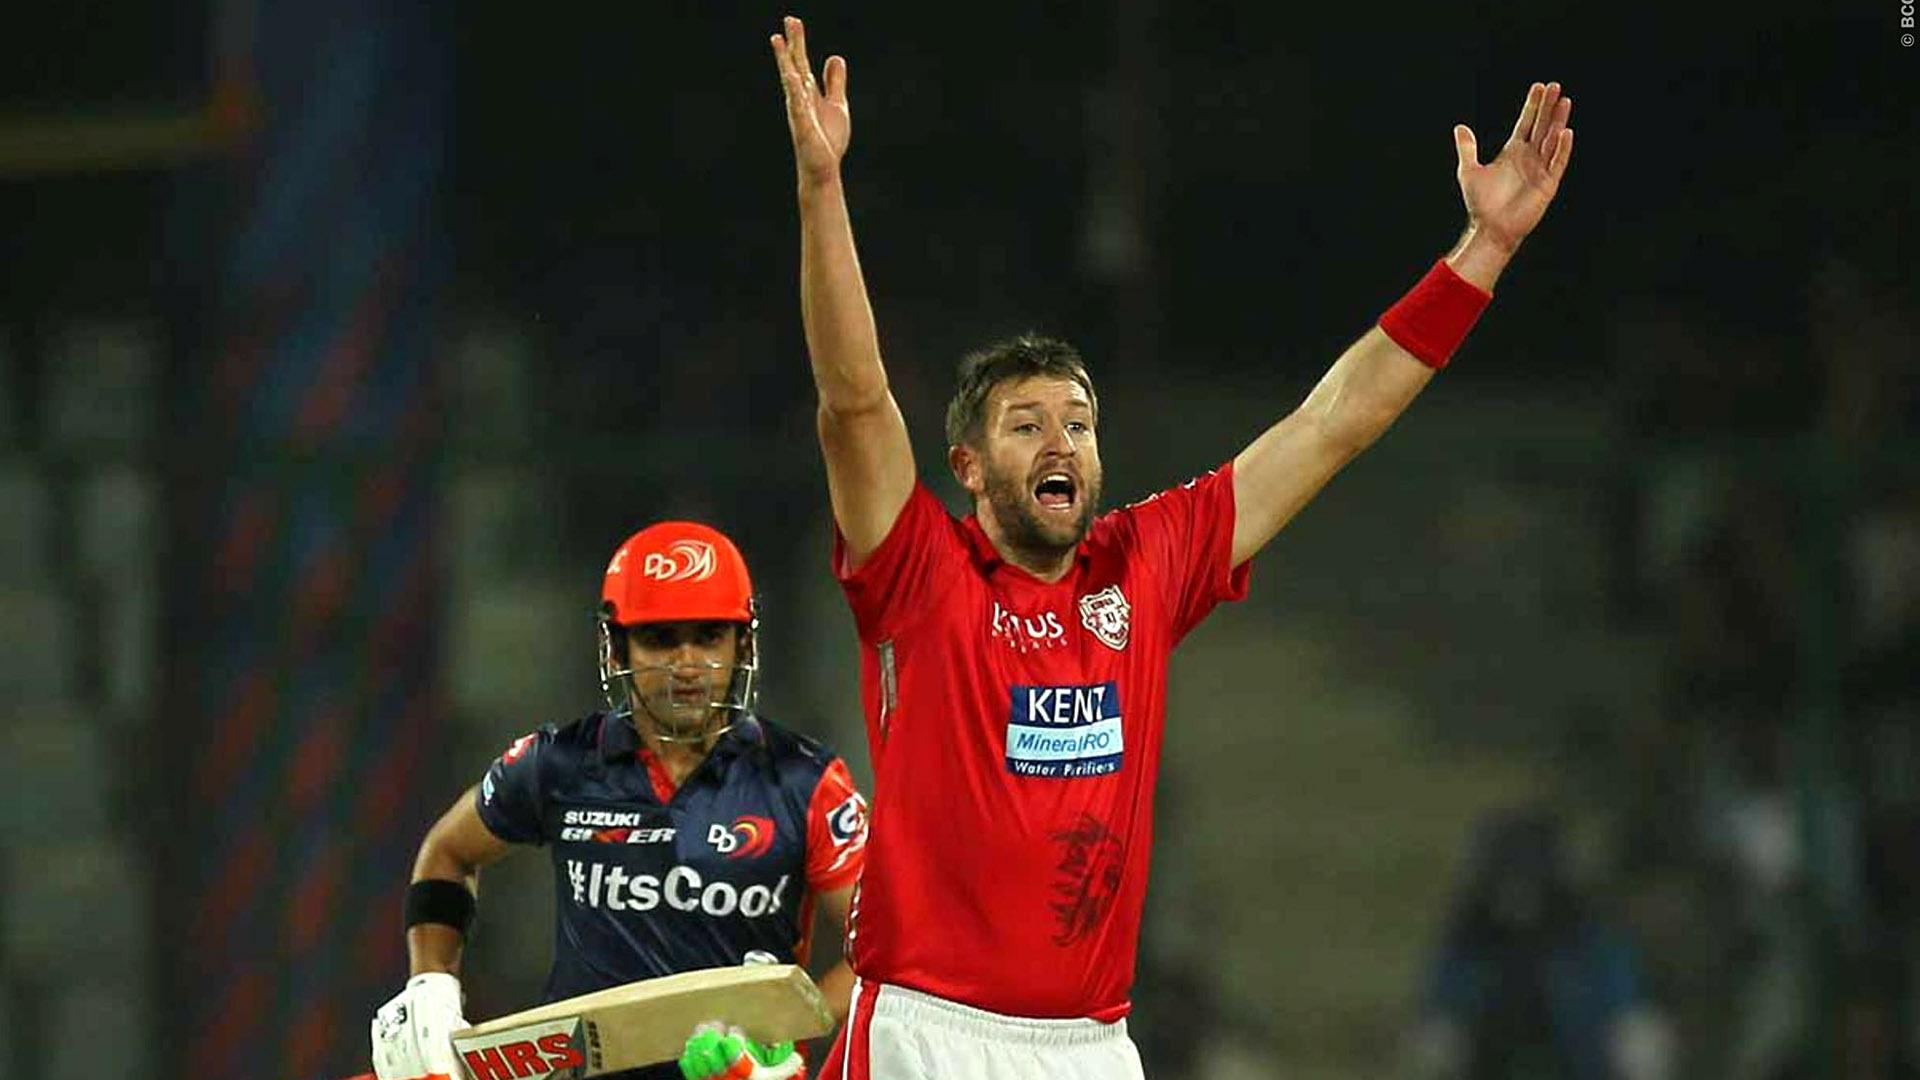 इंडियन प्रीमियर लीग 2018: सबसे ज्यादा 4 विकेट 7